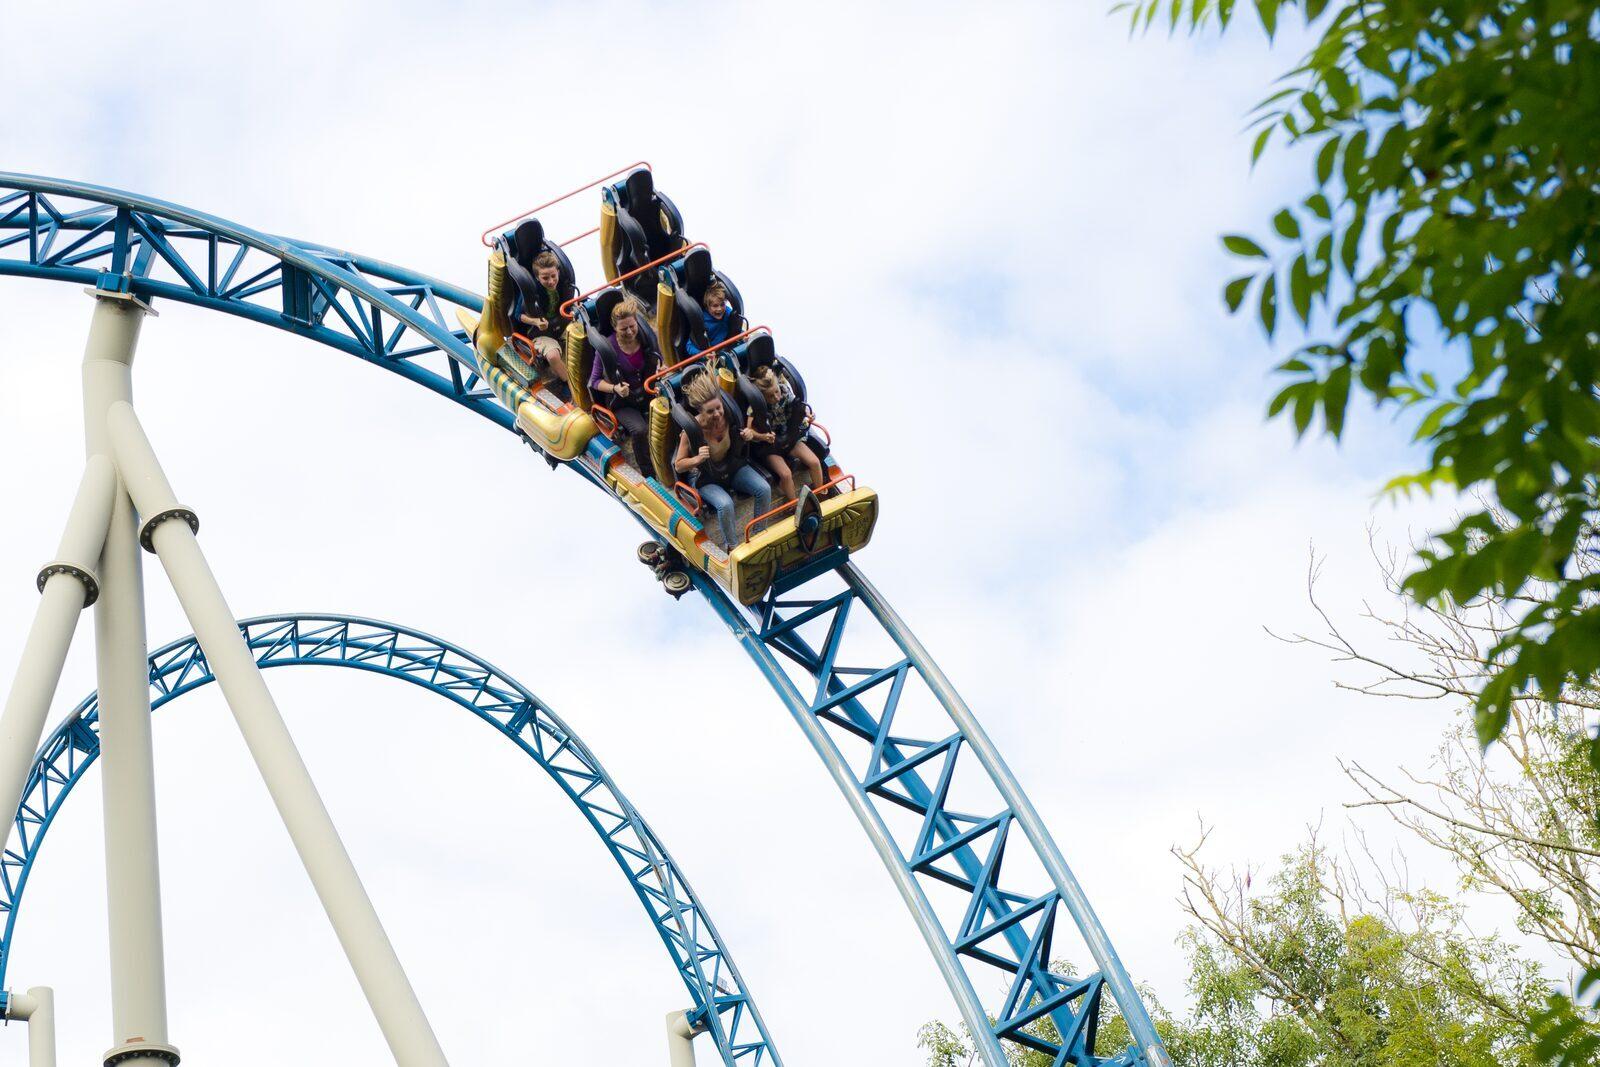 Parc d'attractions de Plopsaland Le Panne